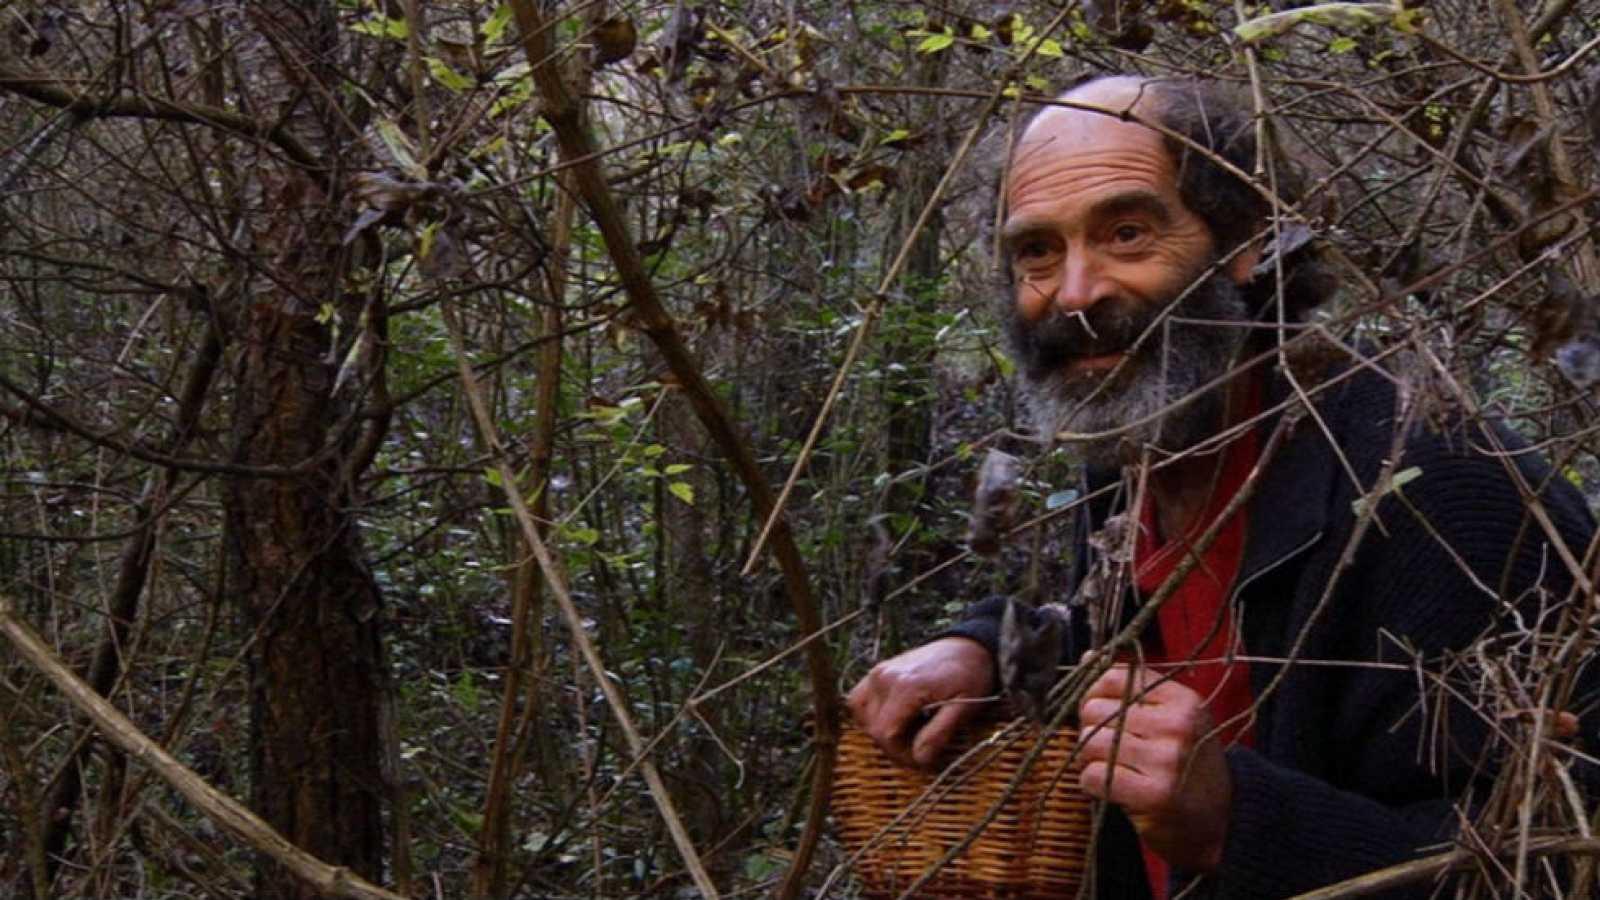 El Señor de los bosques y los enigmas de la naturaleza